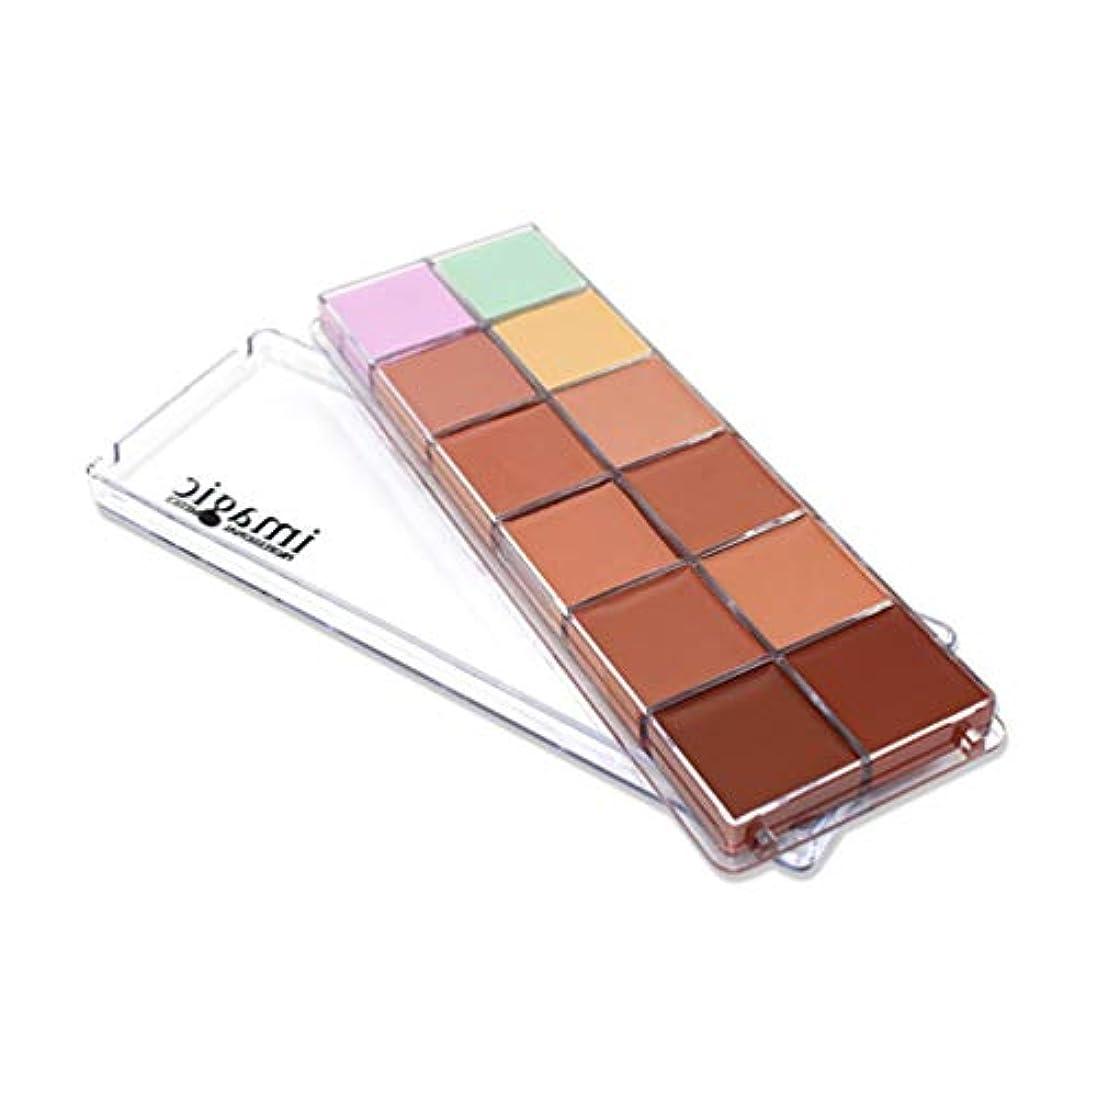 期限作成する遷移Lurrose 12色の化粧品コンシーラーパレットクリーム輪郭強調メイクアップファンデーション